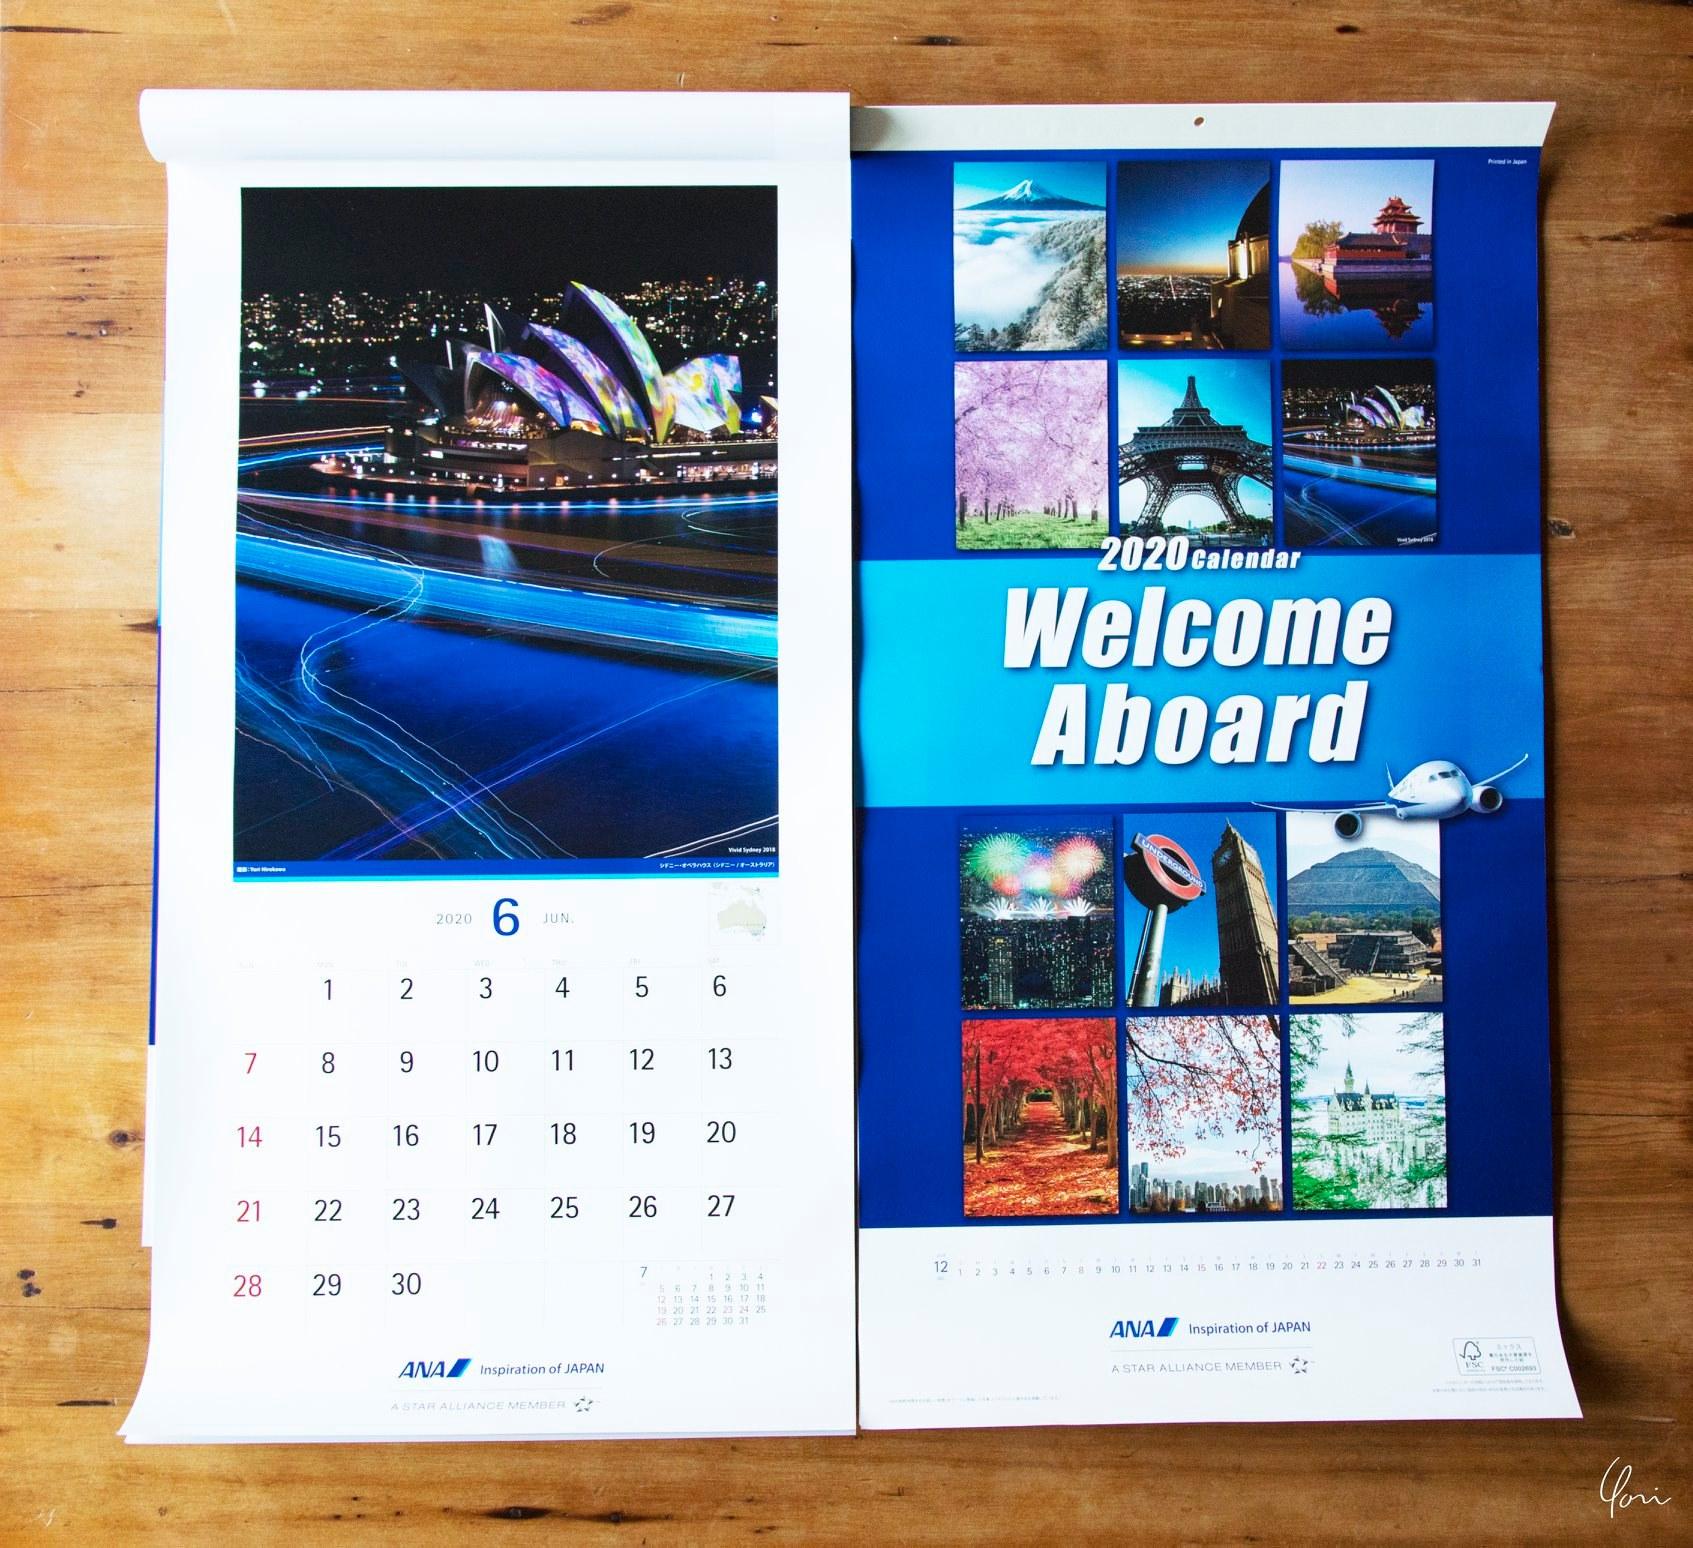 ANAオフィシャルカレンダー2020